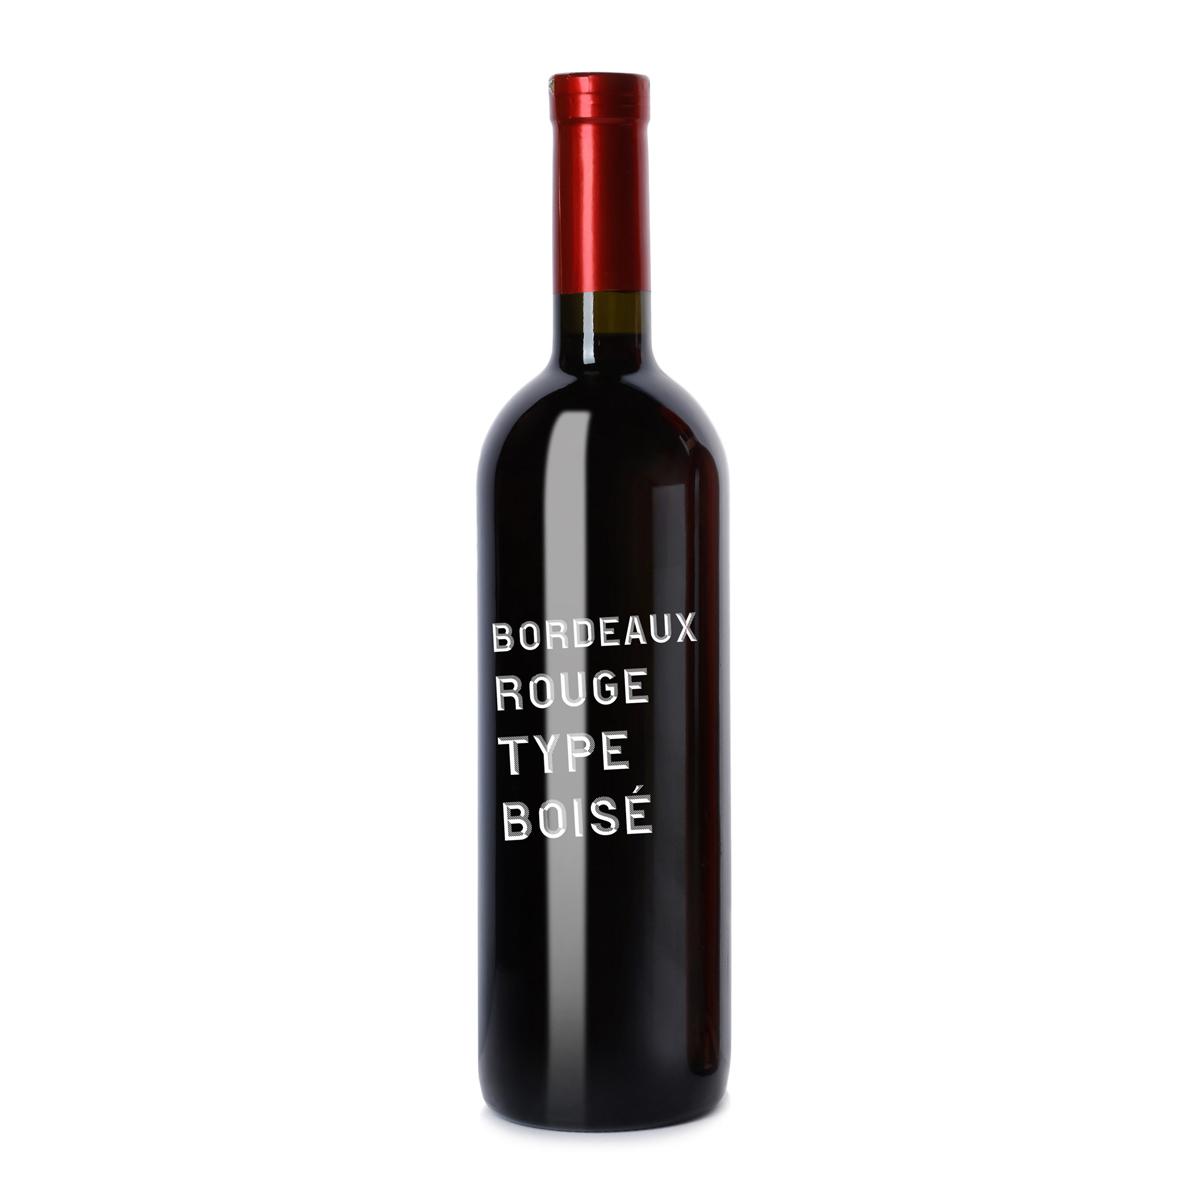 法国AOC Bordeaux red, aged in oak barrel